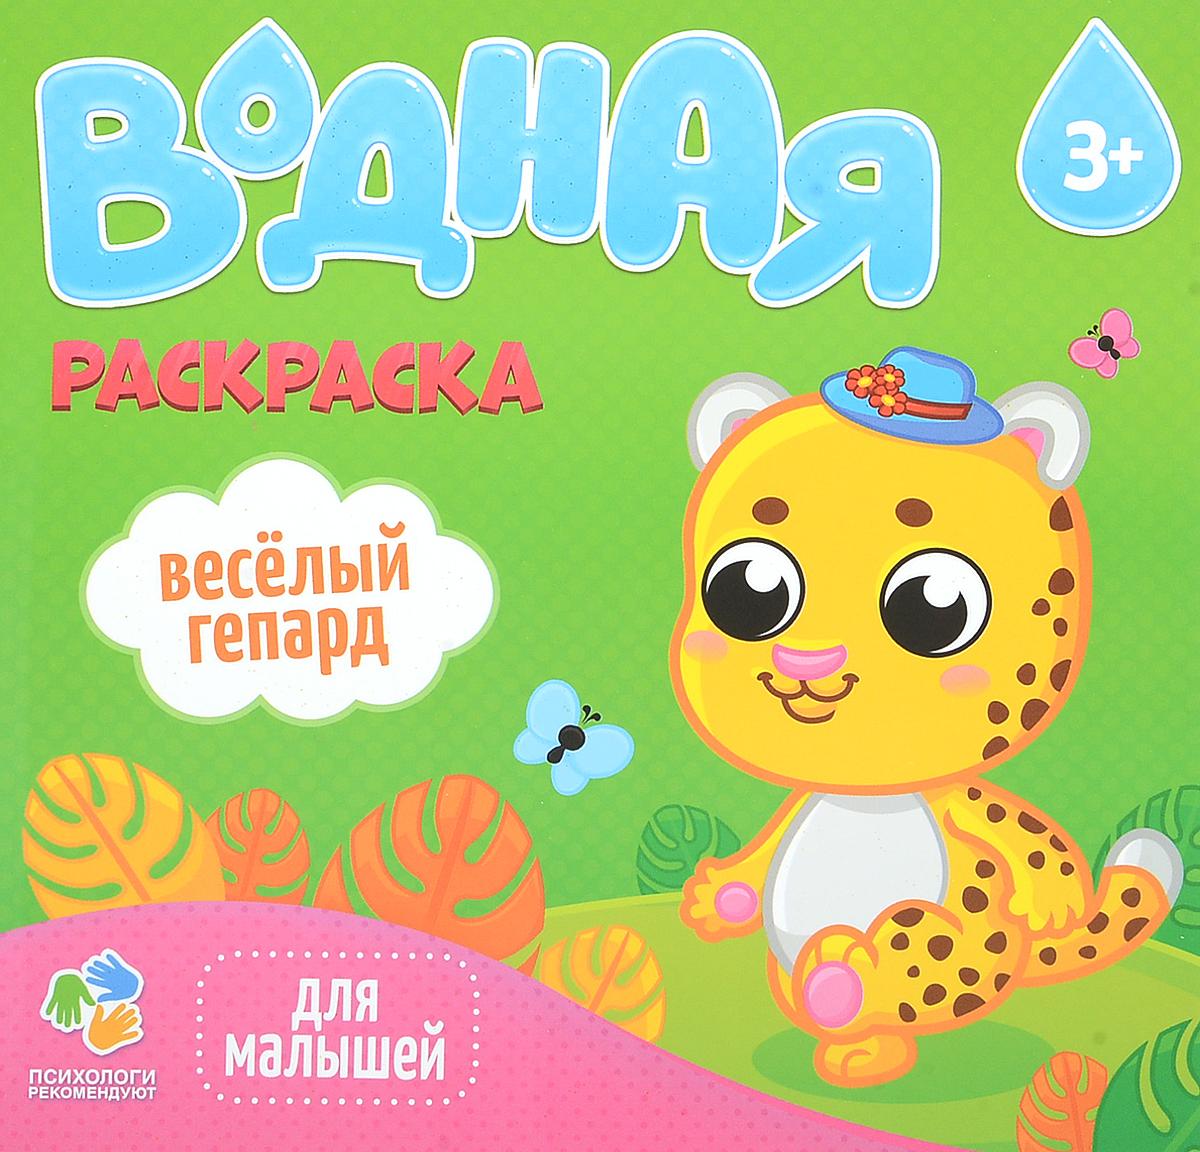 Фото - Водная раскраска для малышей. Веселый гепард водная раскраска для малышей веселый гепард